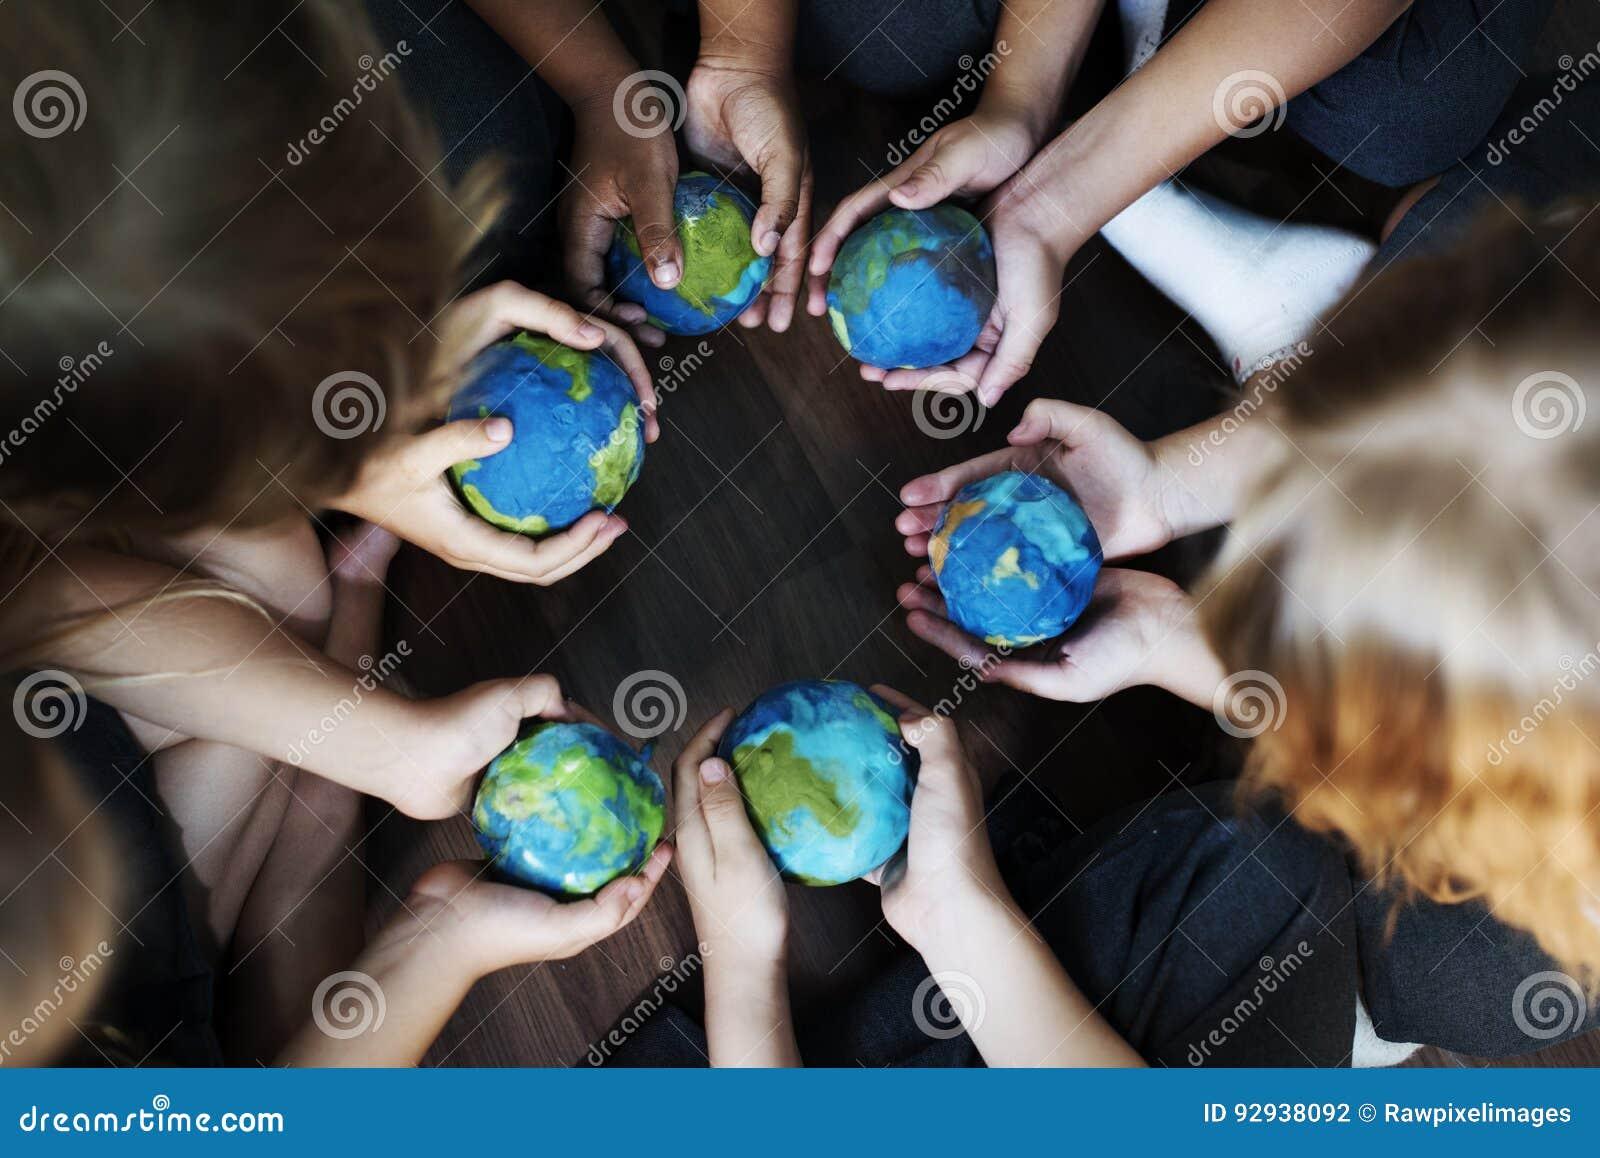 Mãos das crianças que mantêm as bolas colocando do globo unidas